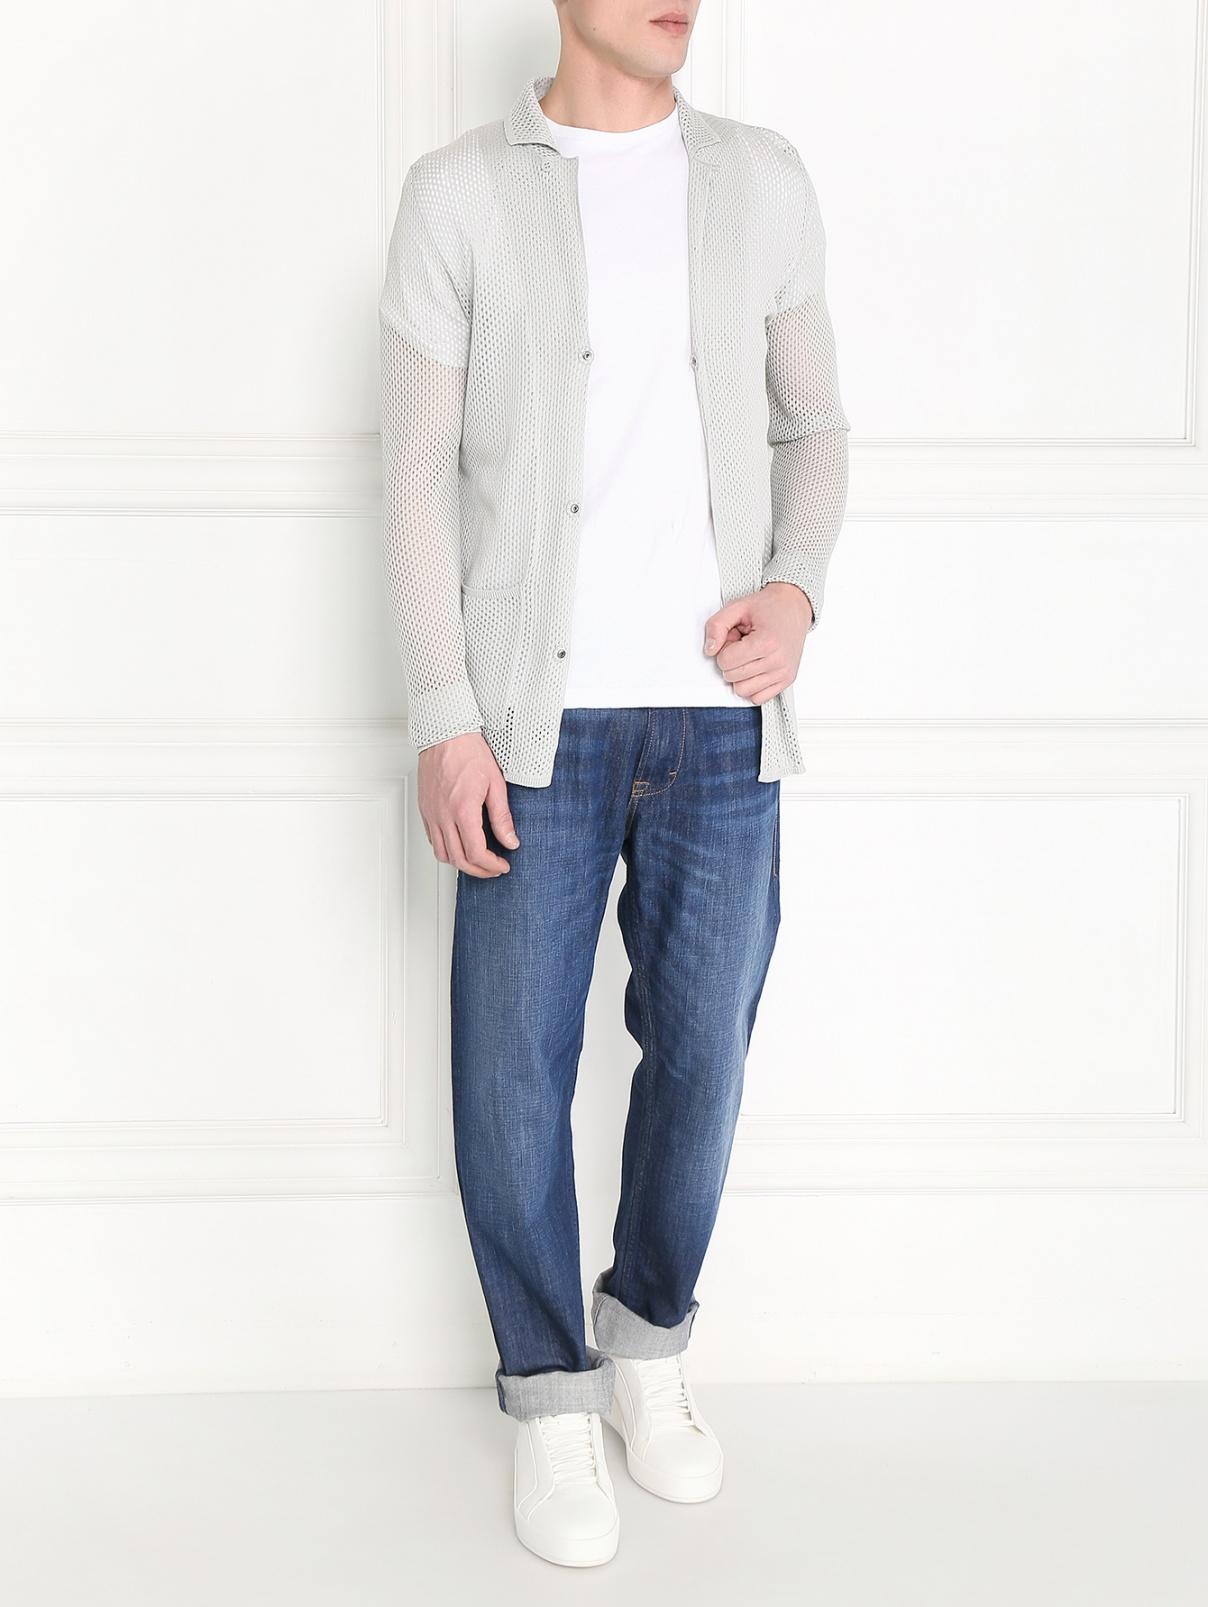 Кардиган перфорированный с накладными карманами Emporio Armani  –  Модель Общий вид